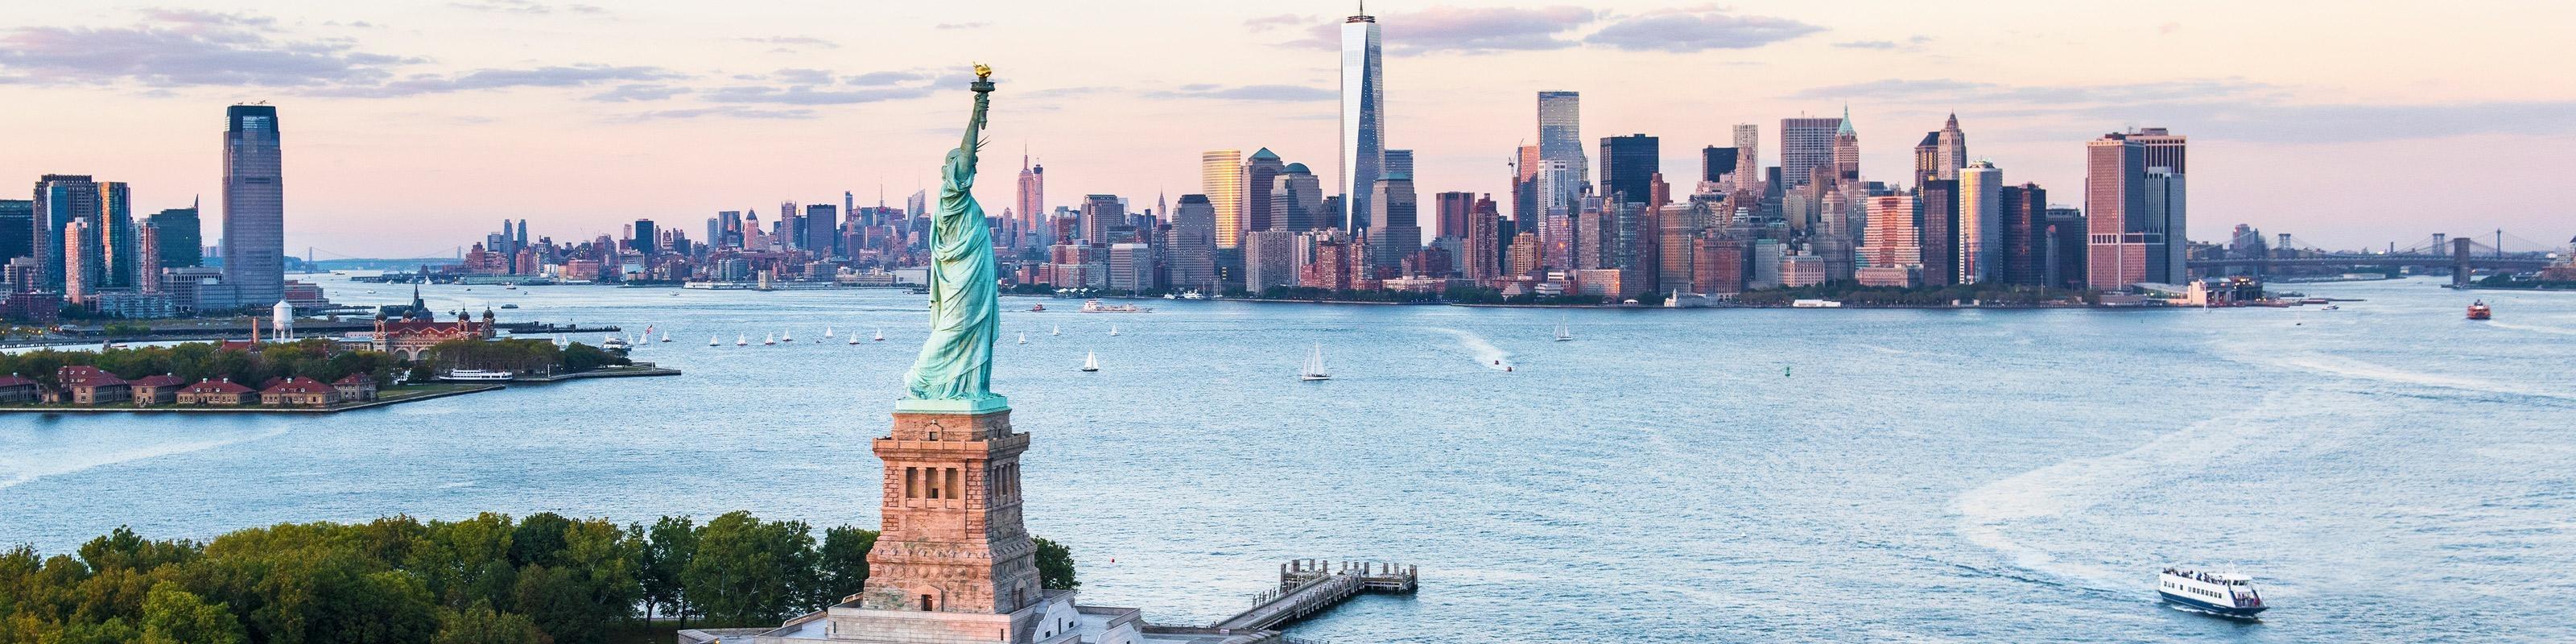 Must-Do Activities in New York City